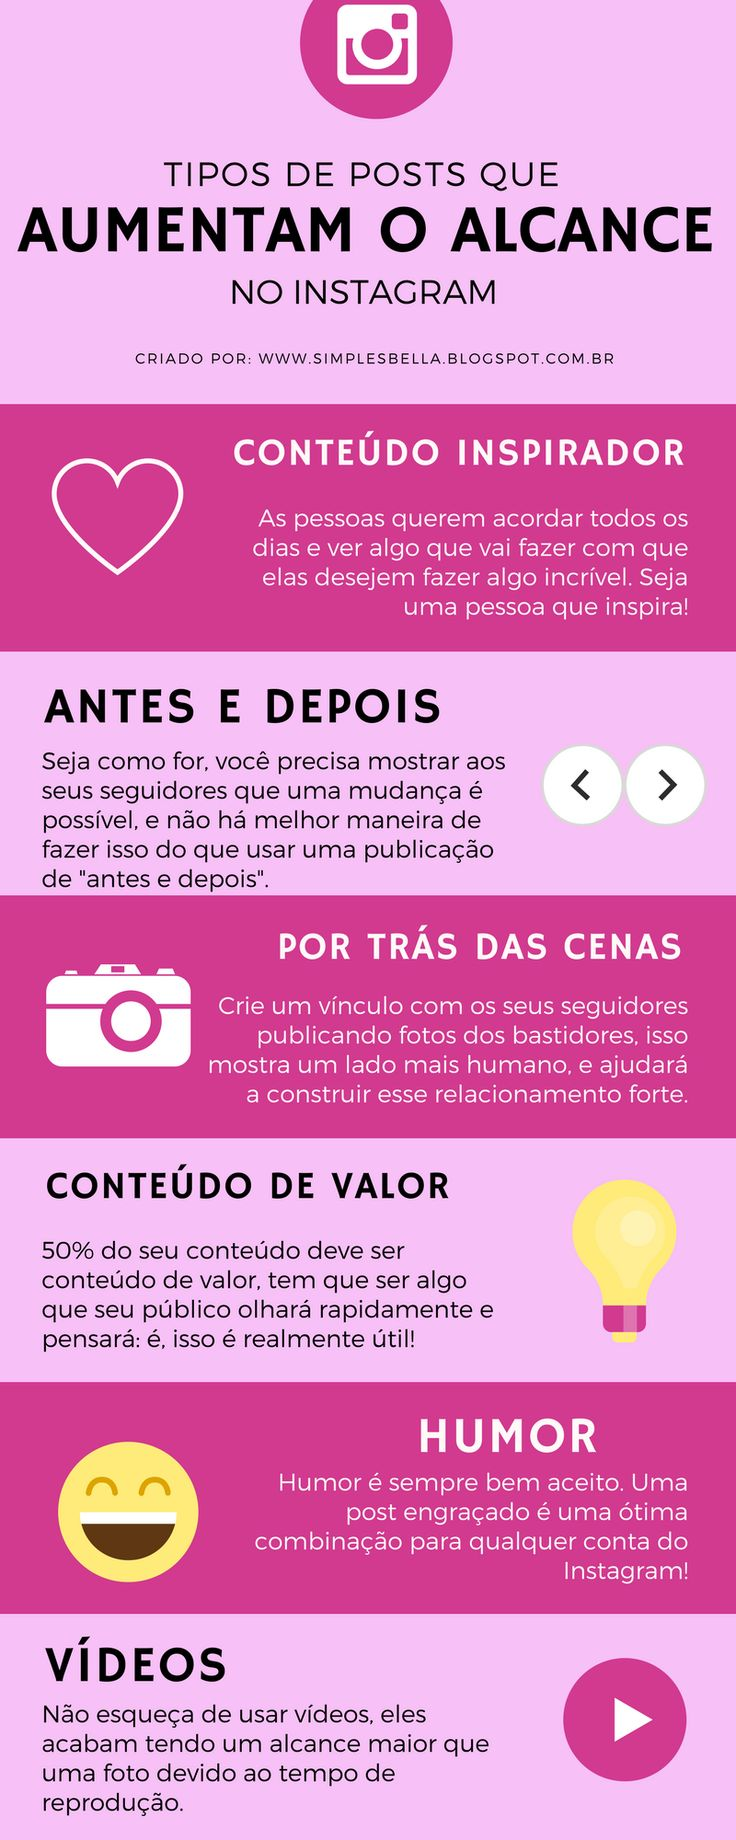 Posts que aumentam o alcance no Instagram: Existem diversos tipos de postagens que você pode estar fazendo para aumentar a distribuição dos seus conteúdos. Descubra alguns deles, e conheça o Ebook Instagram Sem Segredo para alavancar seu perfil! #instagram #instagramdicas #dicasparablogs #marketingdigital #marketing #girlboss